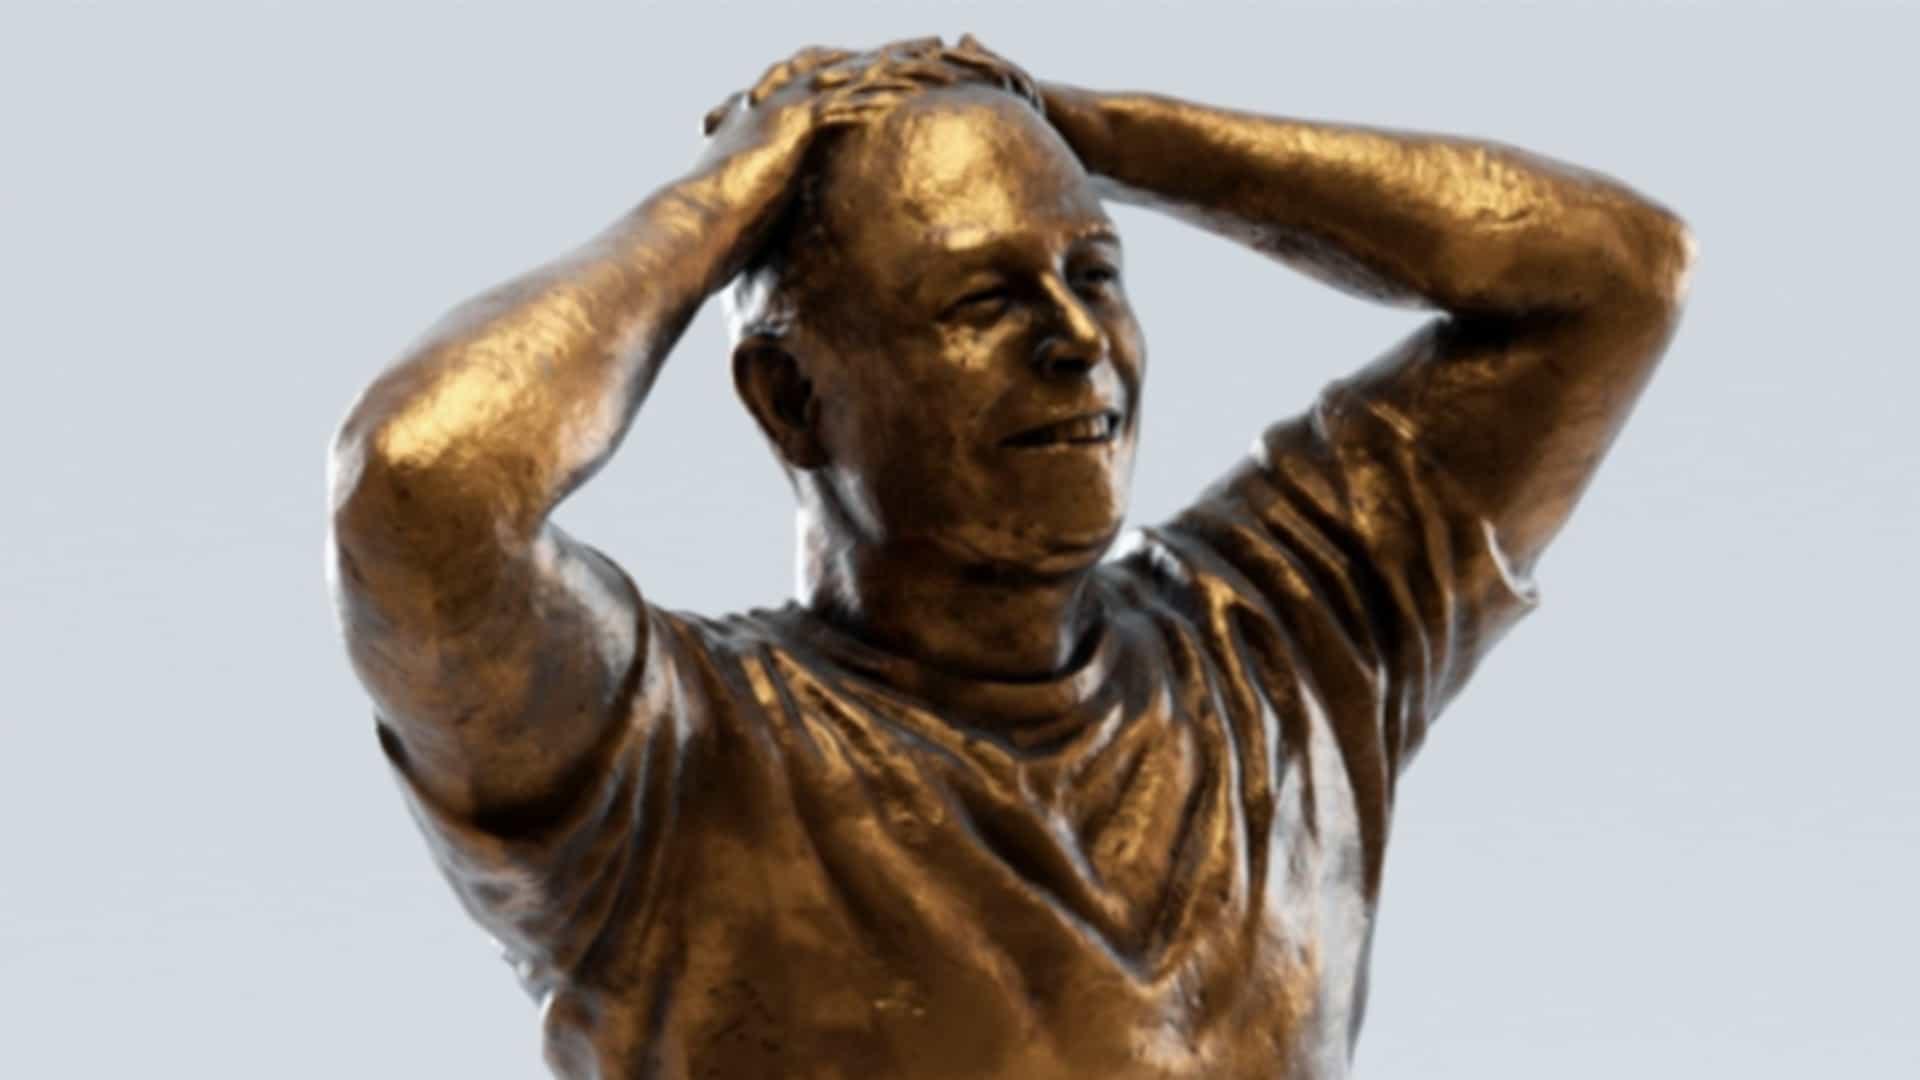 Esta terrible nueva estatua de Elon Musk está siendo atacada en línea